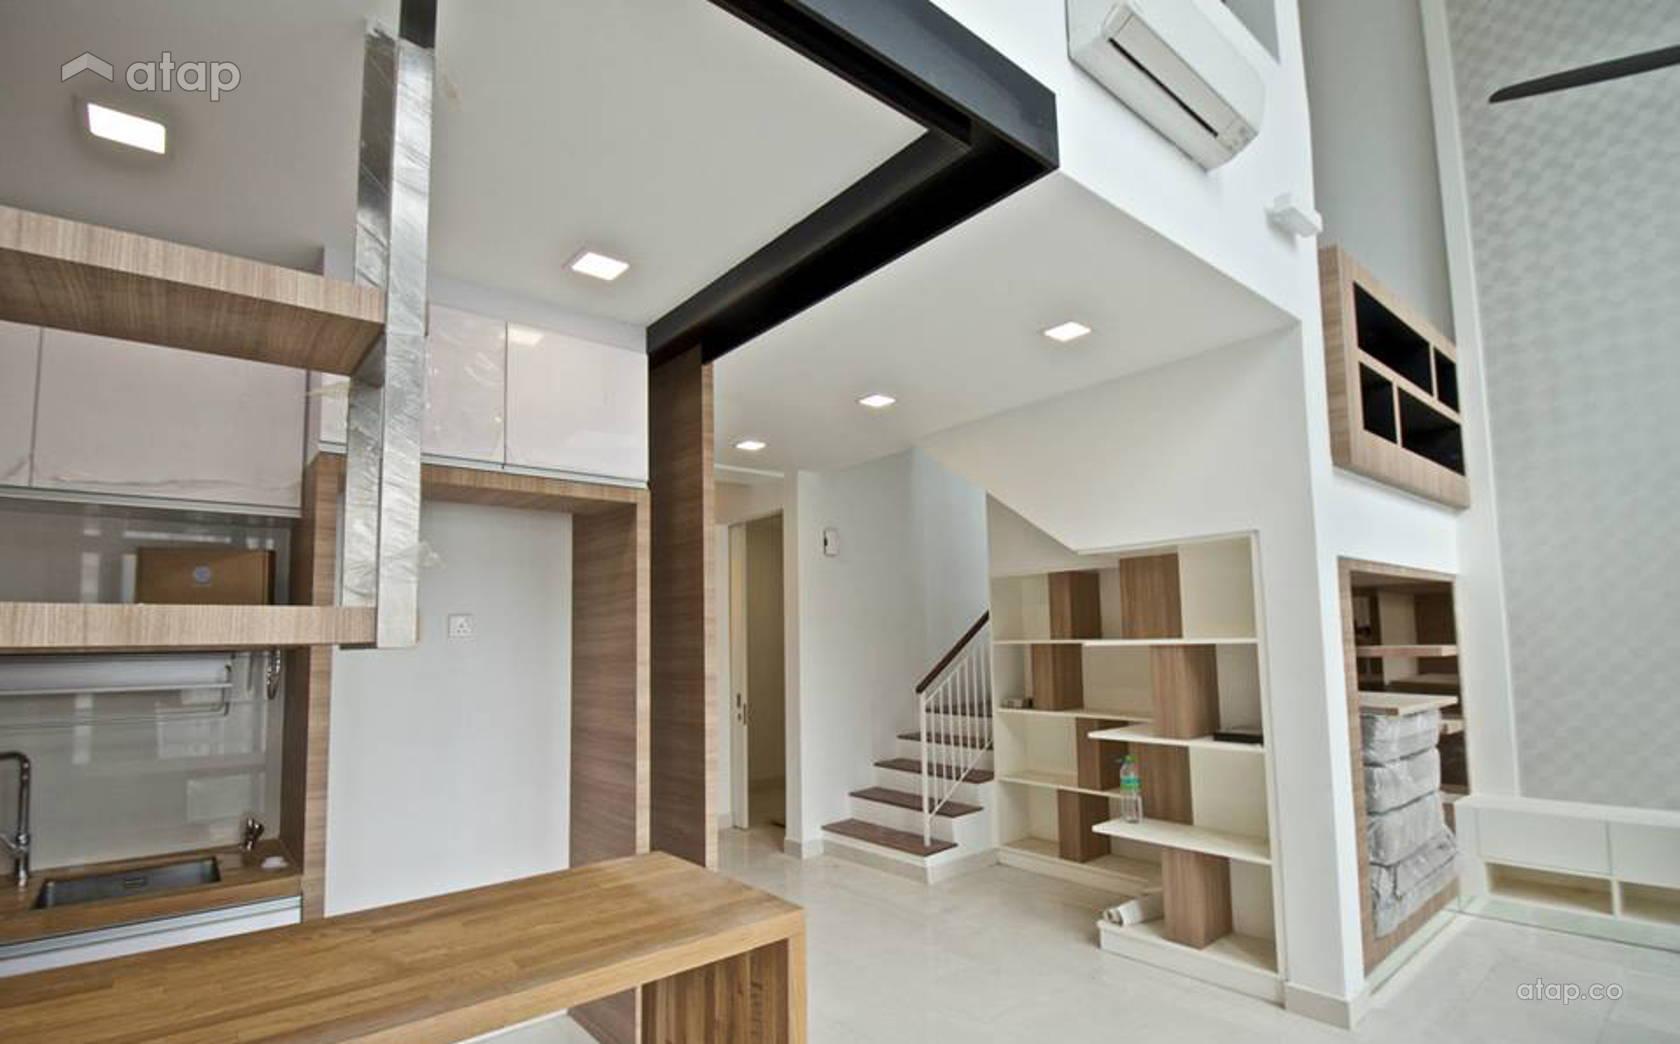 duplex soho design all home interior ideas